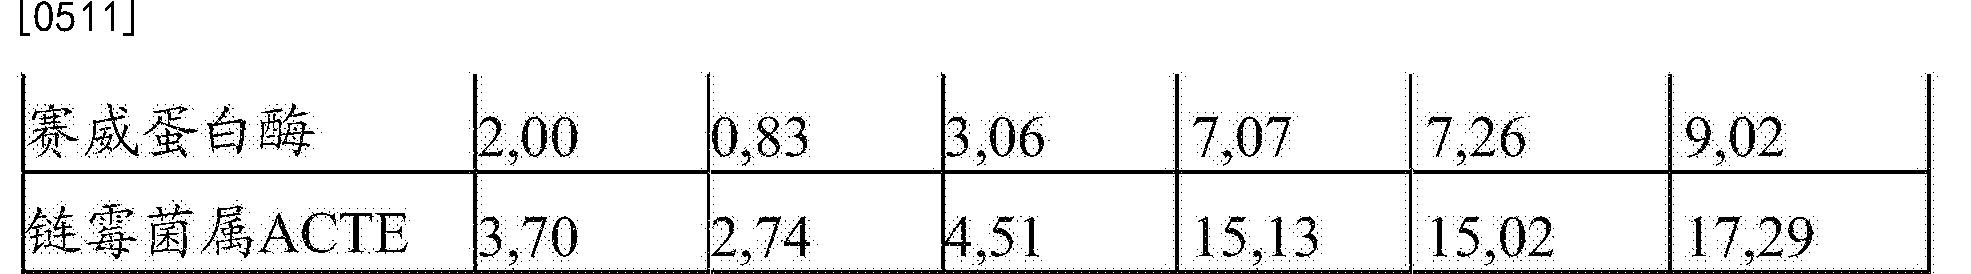 Figure CN104271726BD00591